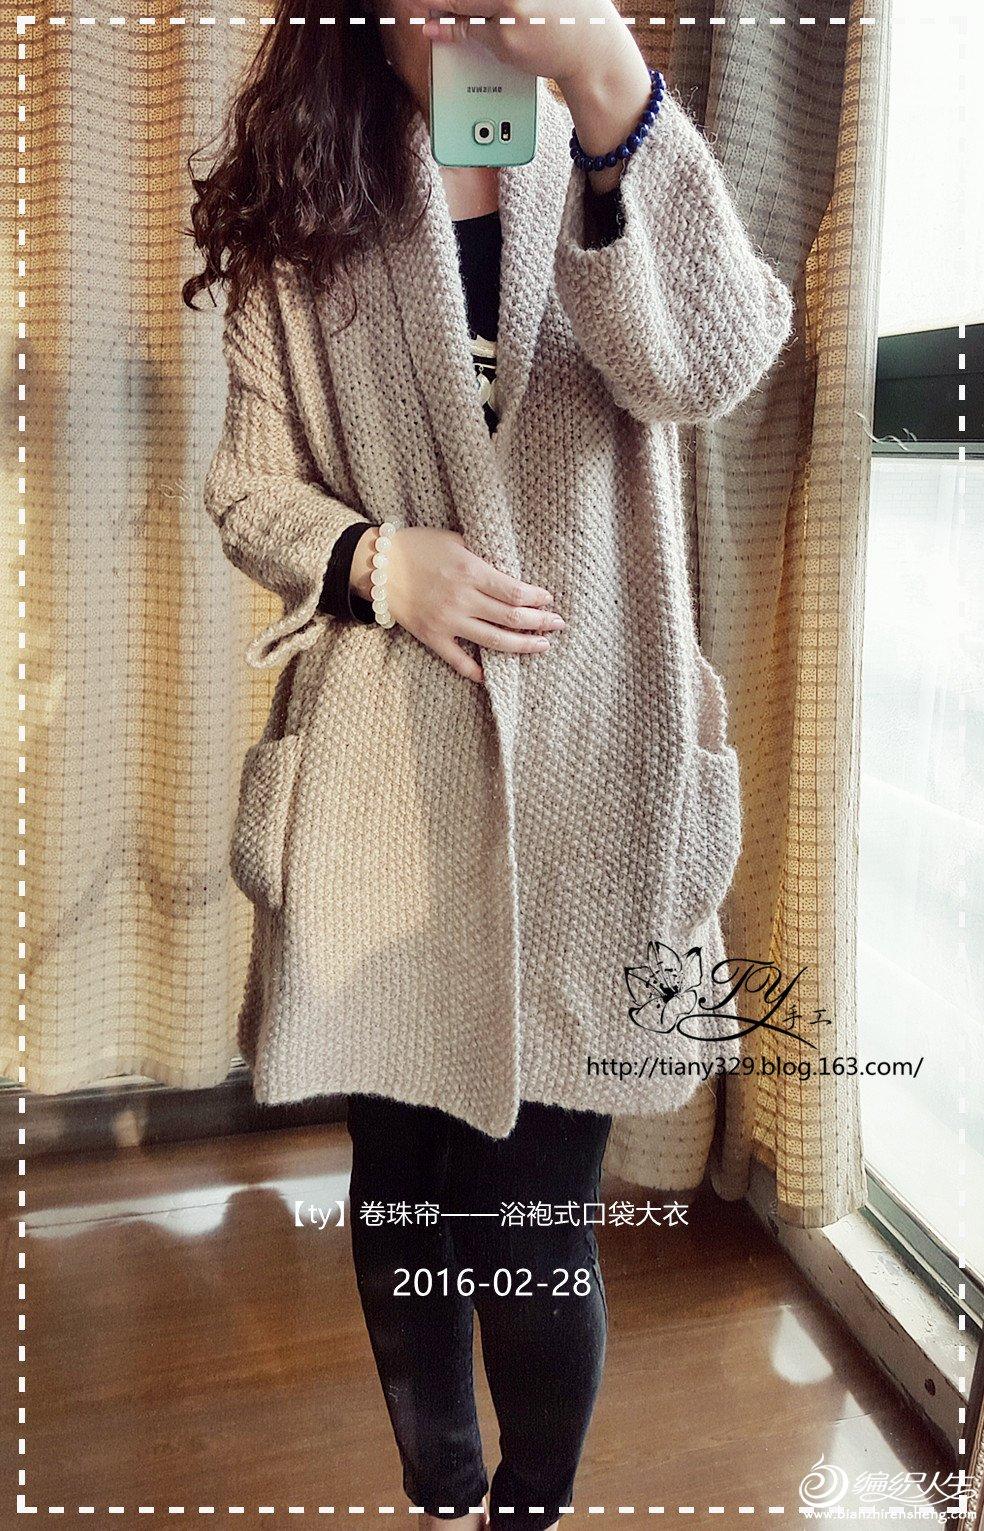 20160228_153133_副本.jpg